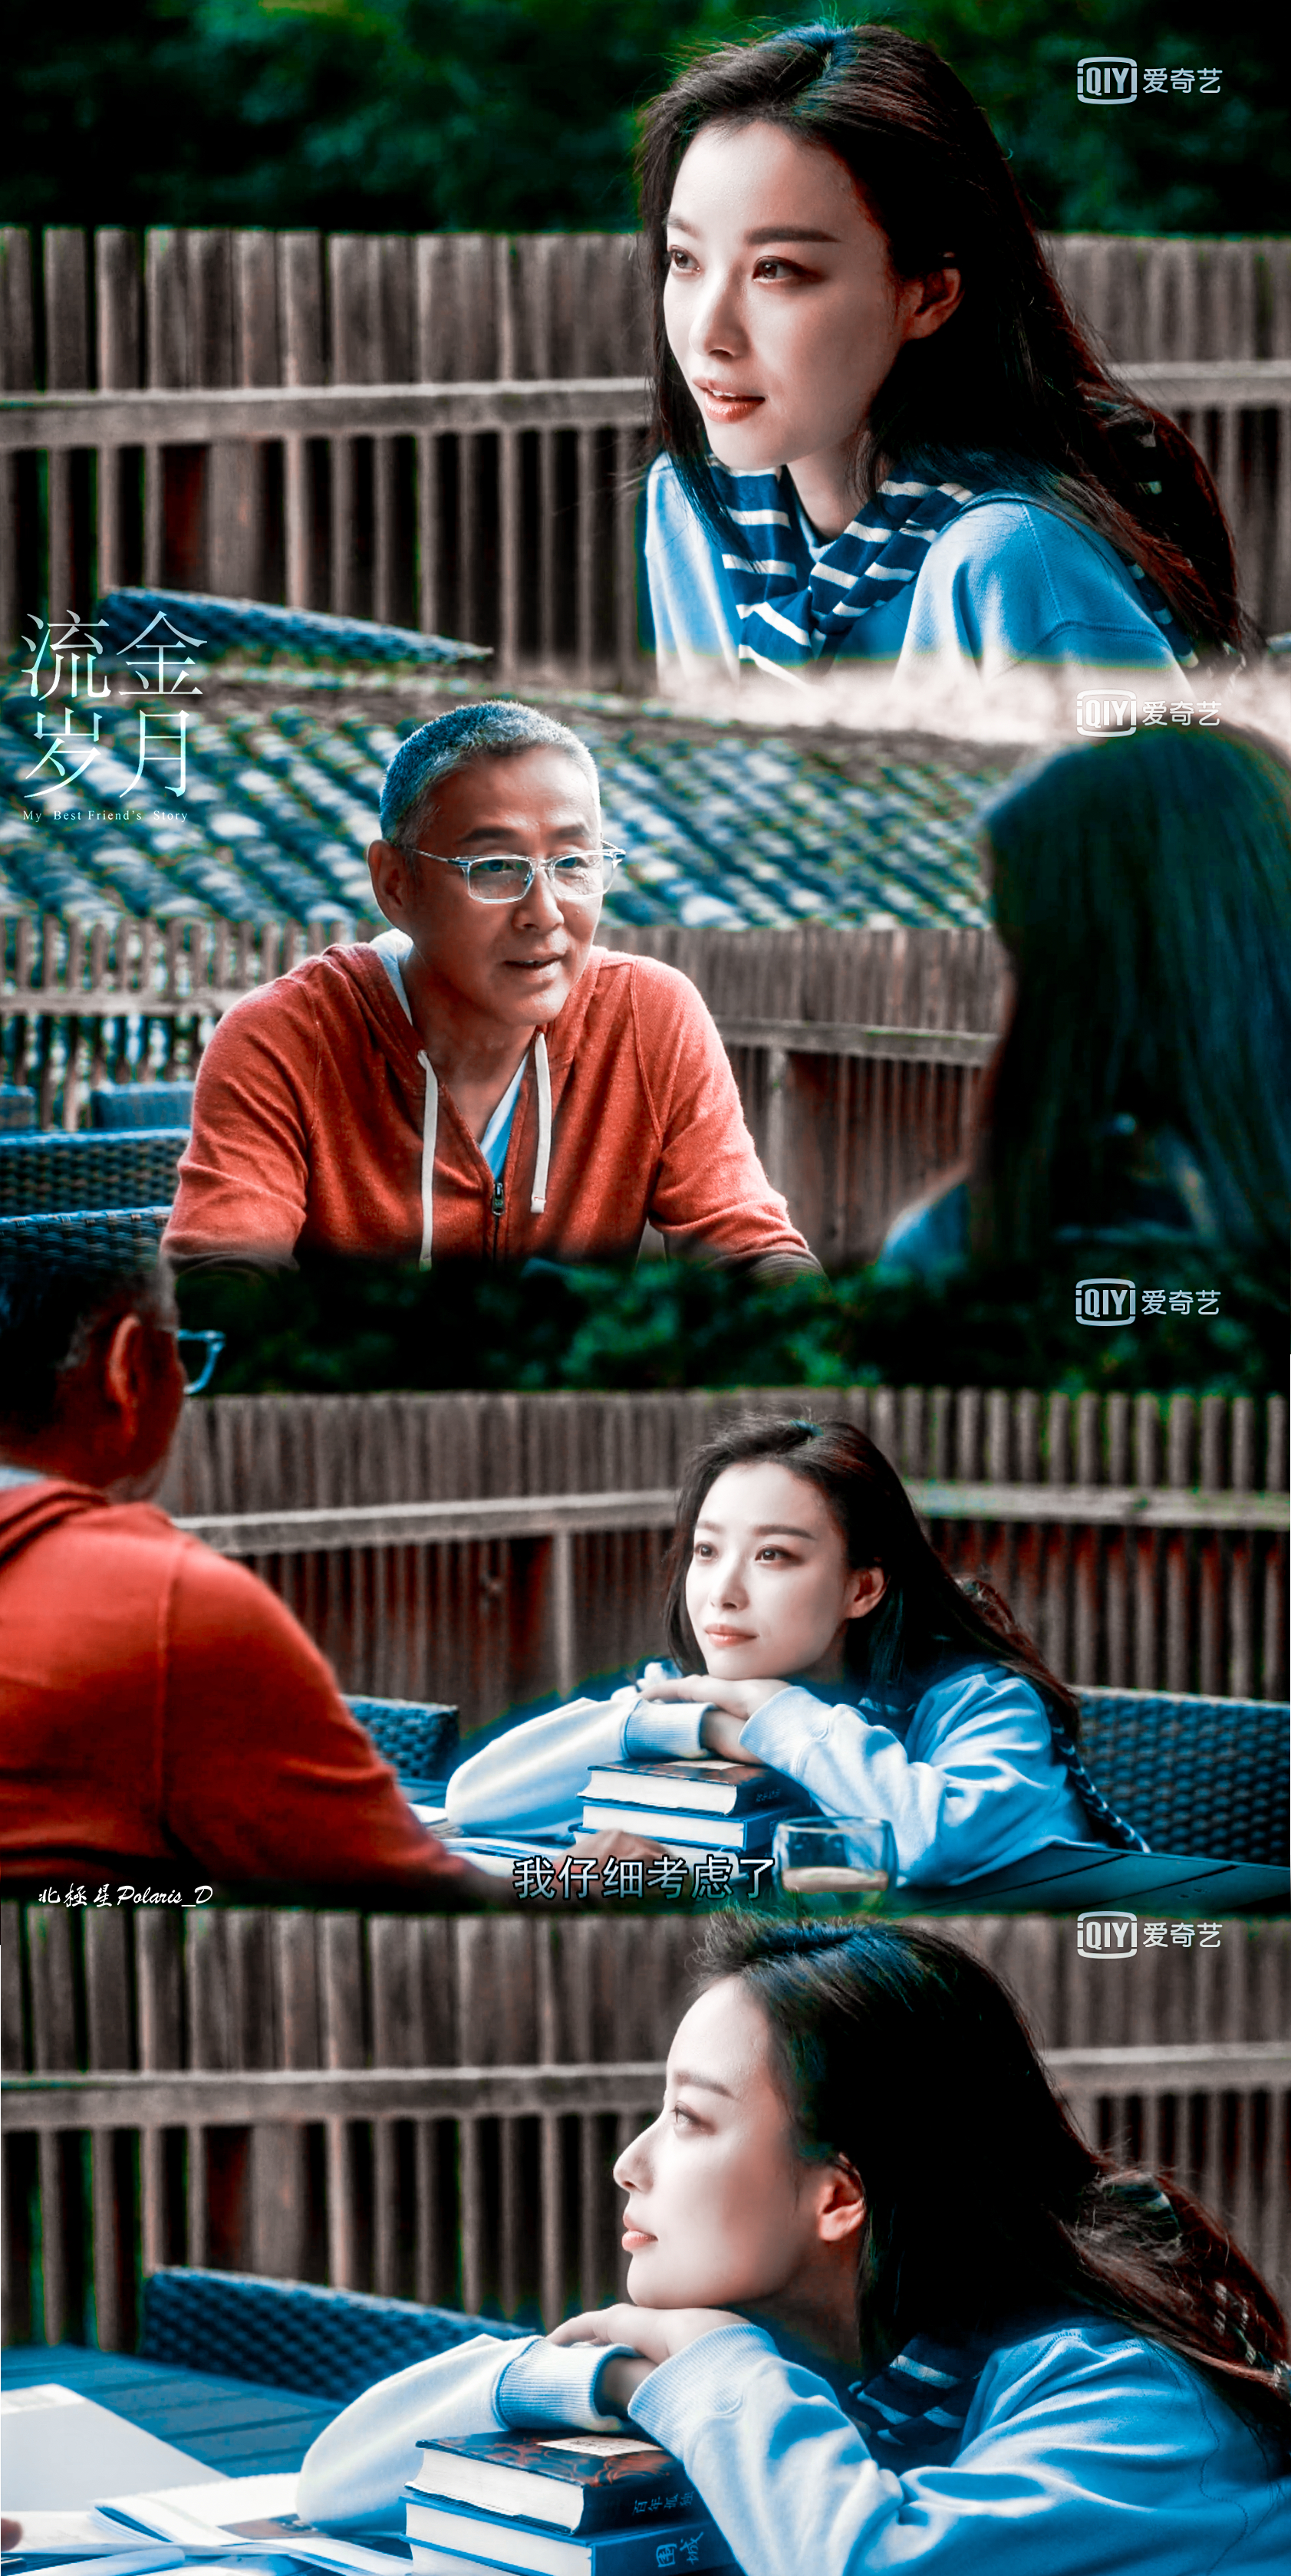 《流金岁月》朱锁锁缺爱、恋父喜欢叶谨言,能接受这对老少恋吗?